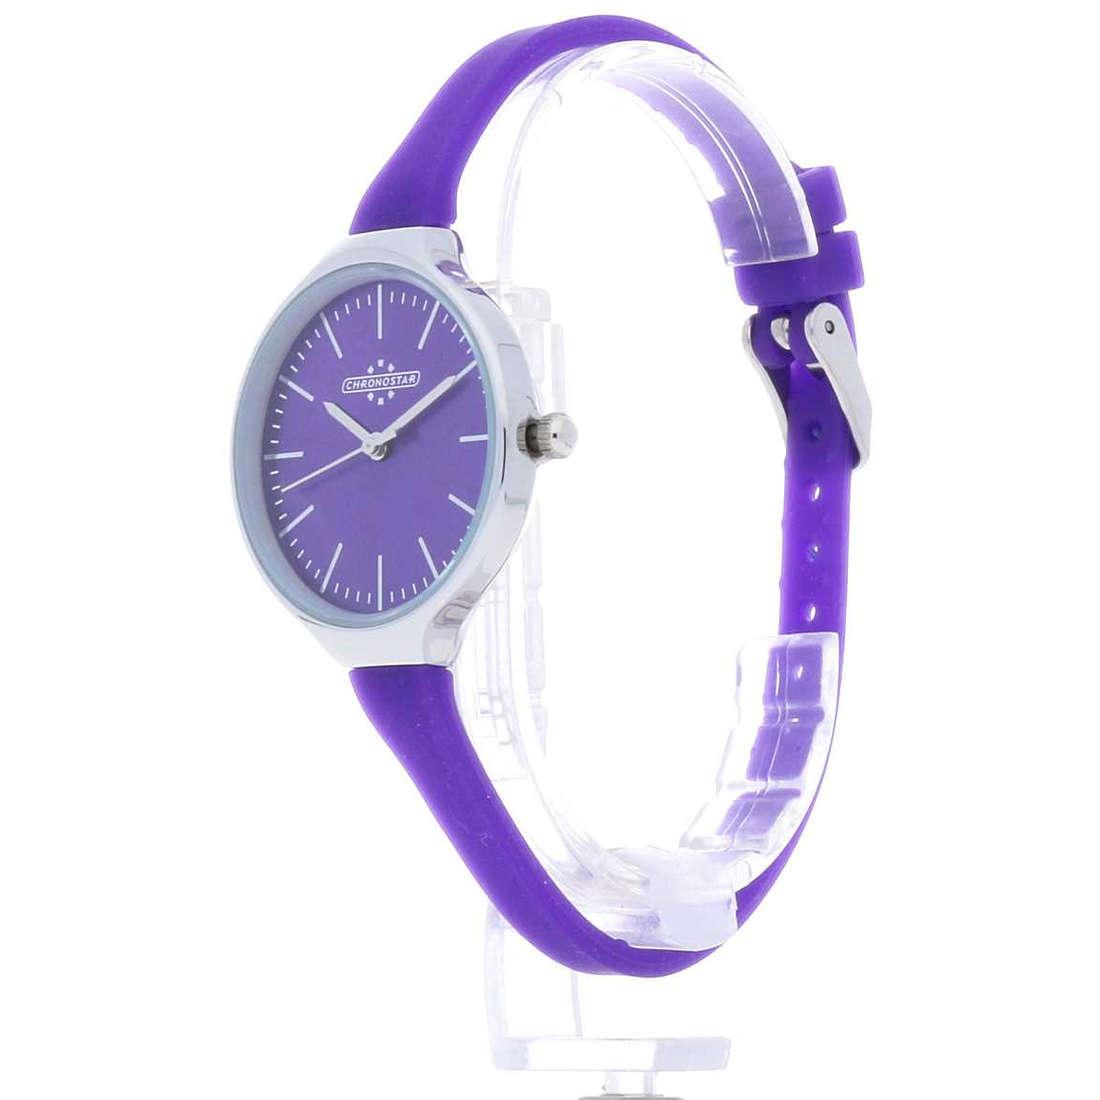 vendita montres femme Chronostar R3751248506